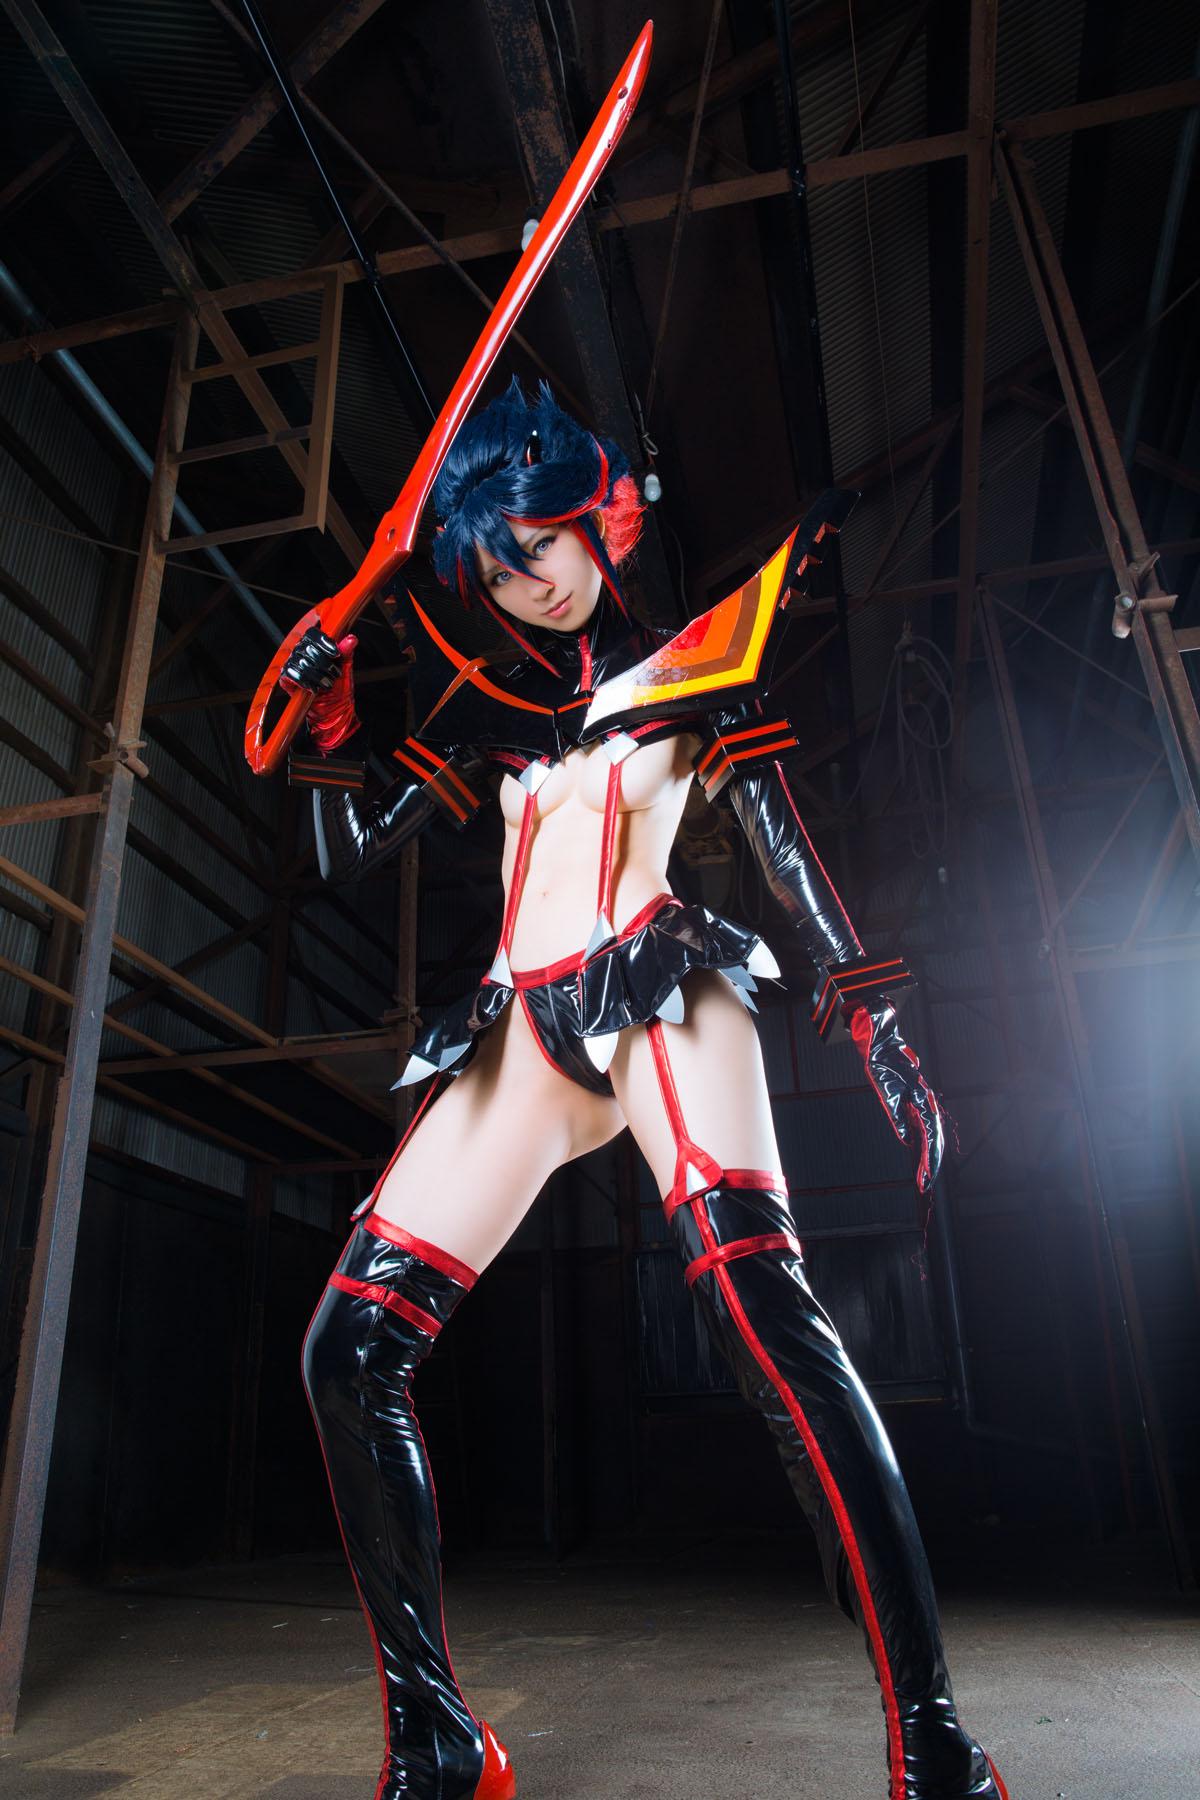 Kill la Kill Ryuuko Matoi anime cosplay by Mikehouse 0038